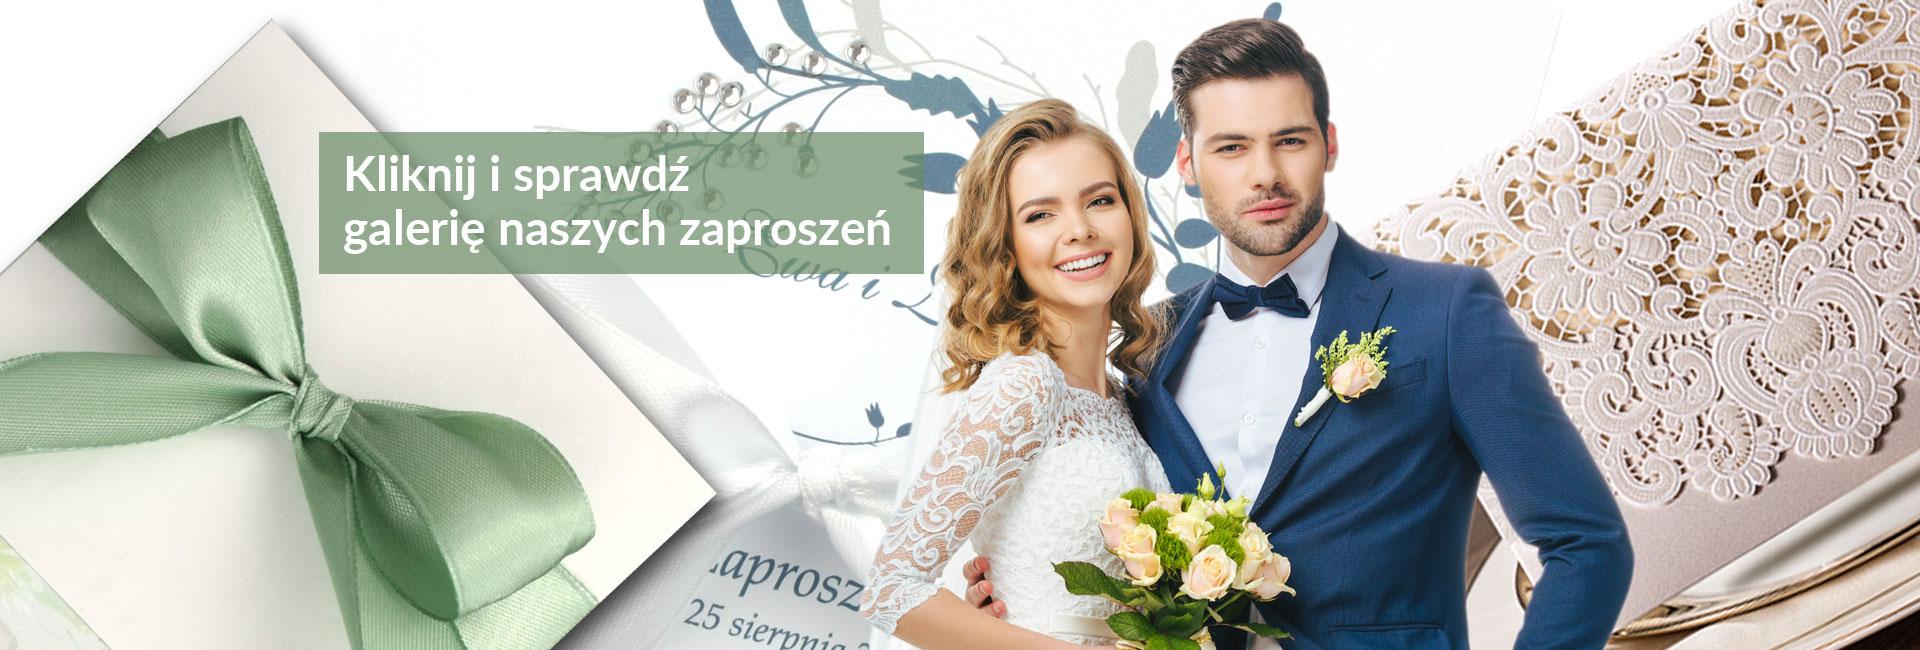 BiB poleca zaproszenia ślubne Olsztyn Jaroty ul. Zakole 17